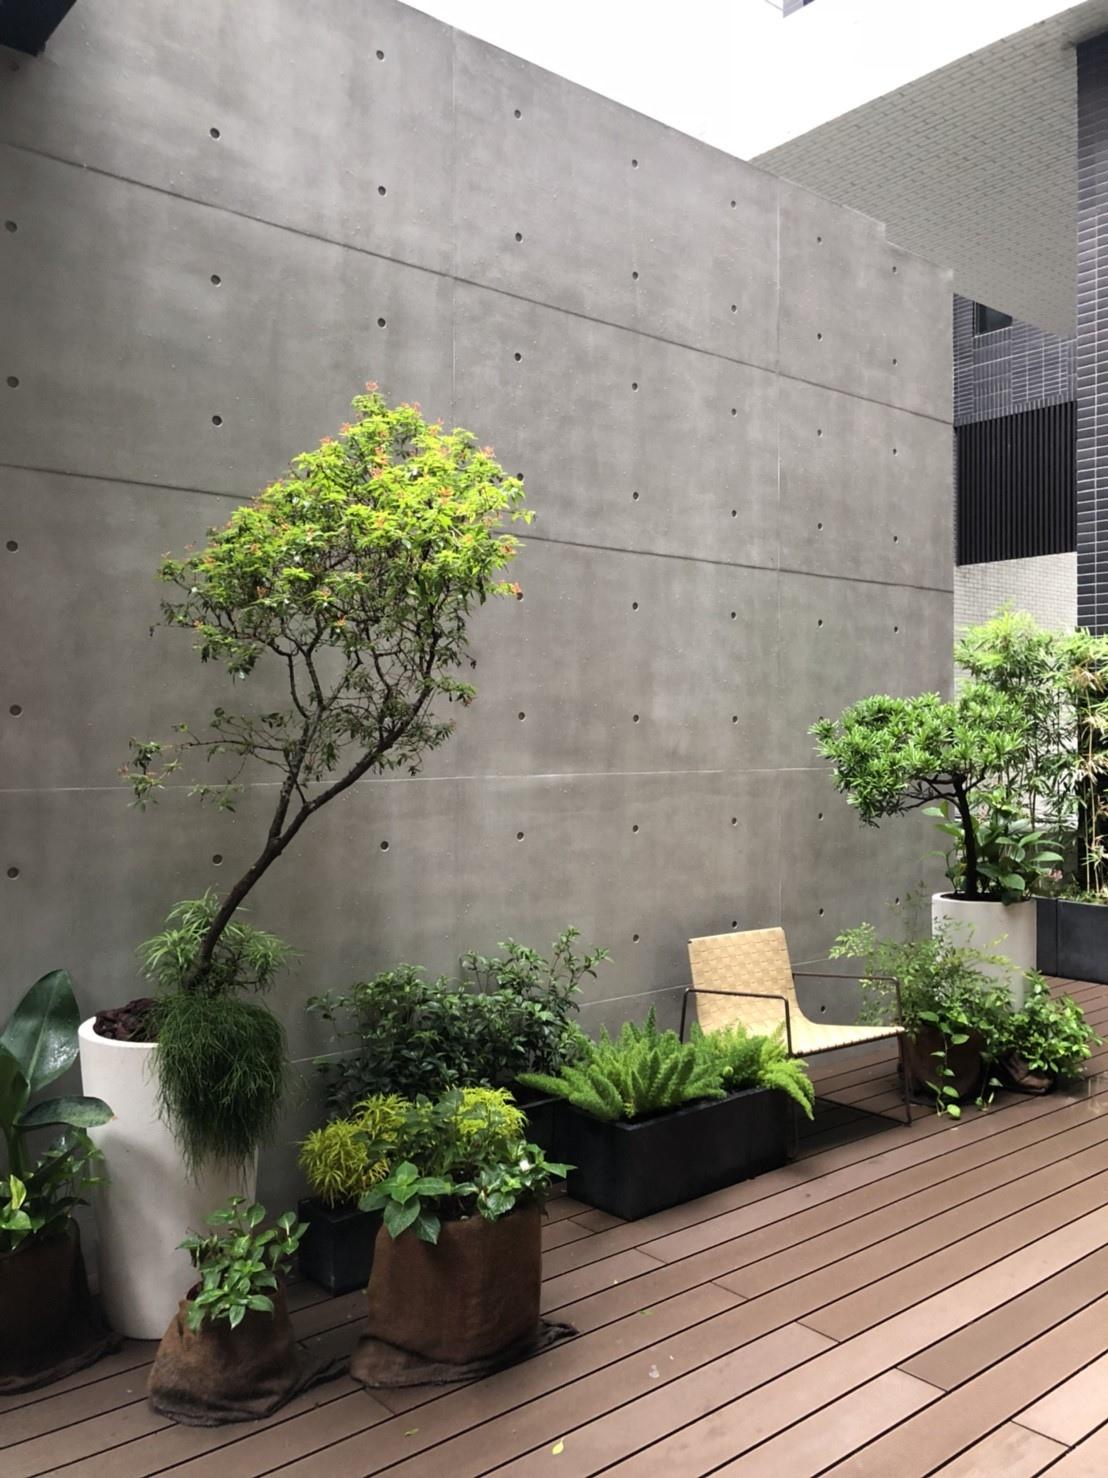 [看屋報告]友善城市建築-(大硯九+1)20180827-8.jpg